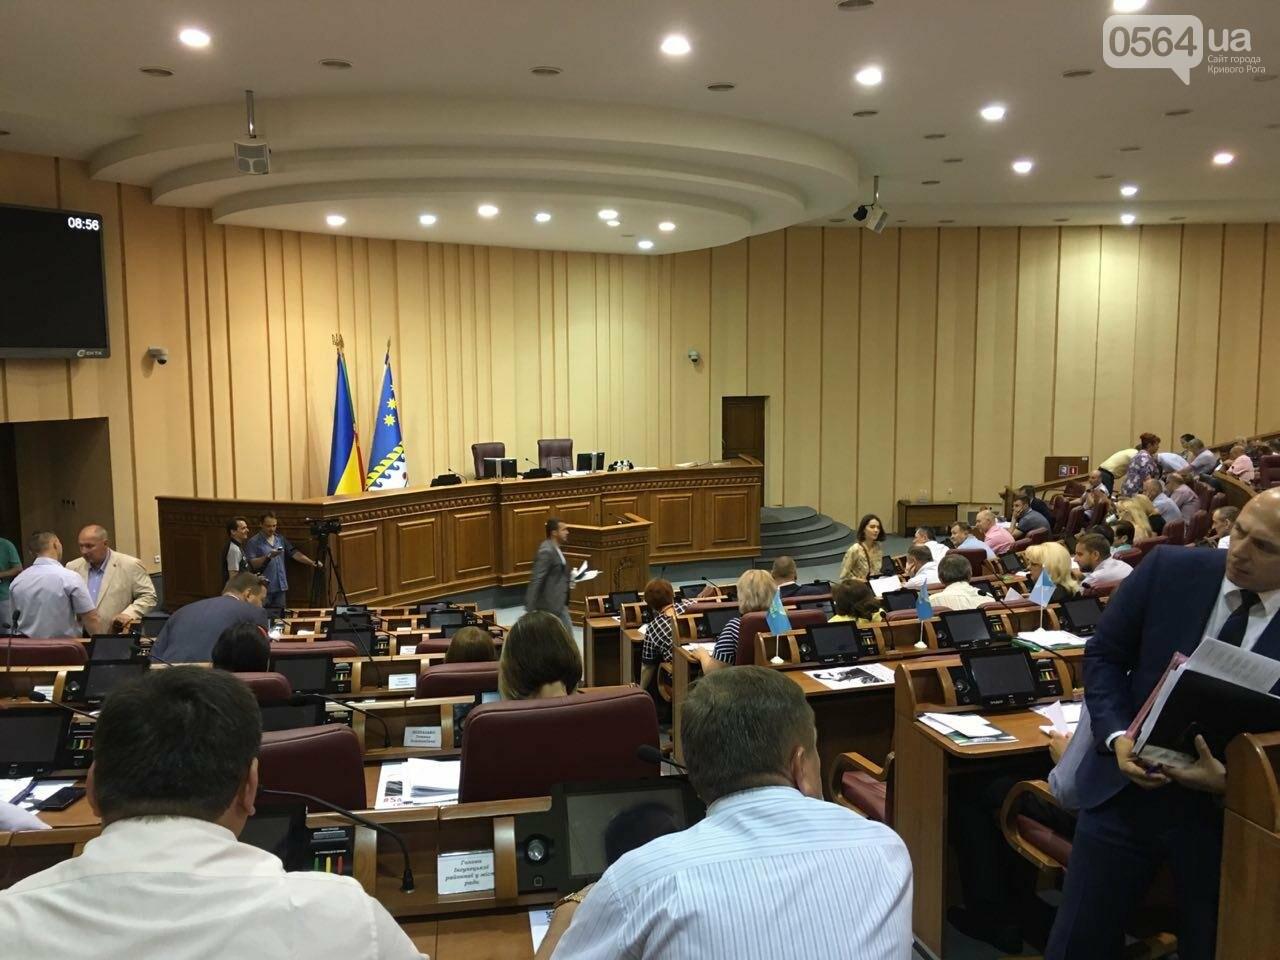 Криворожские депутаты обсудят вопрос премирования мэра и его заместителей, тариф на проезд в маршрутках и поддержку бизнесменов, - ФОТО, фото-1